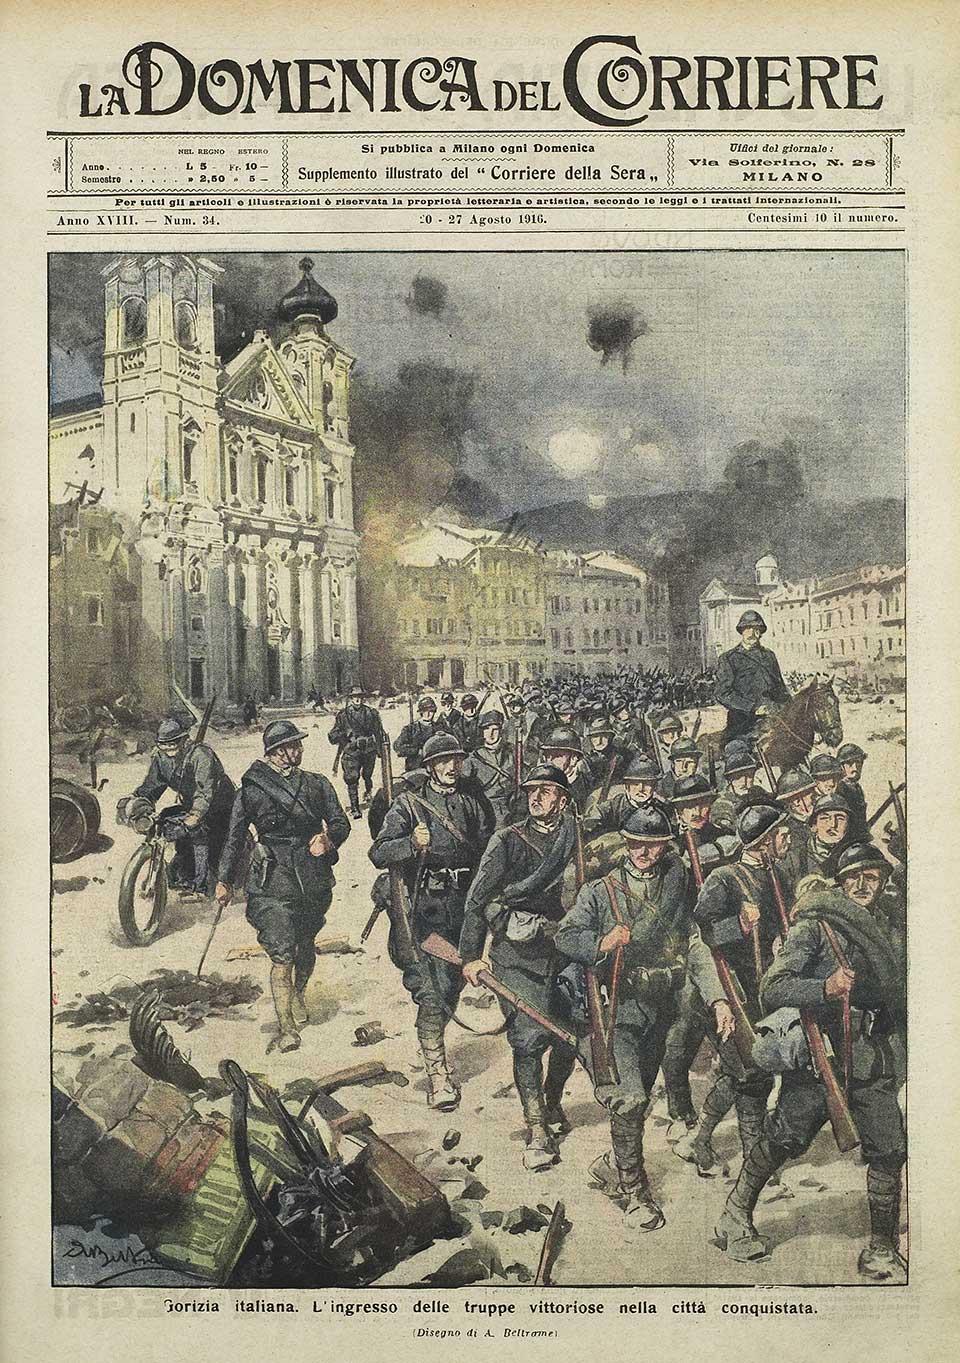 La copertina della Domenica del Corriere